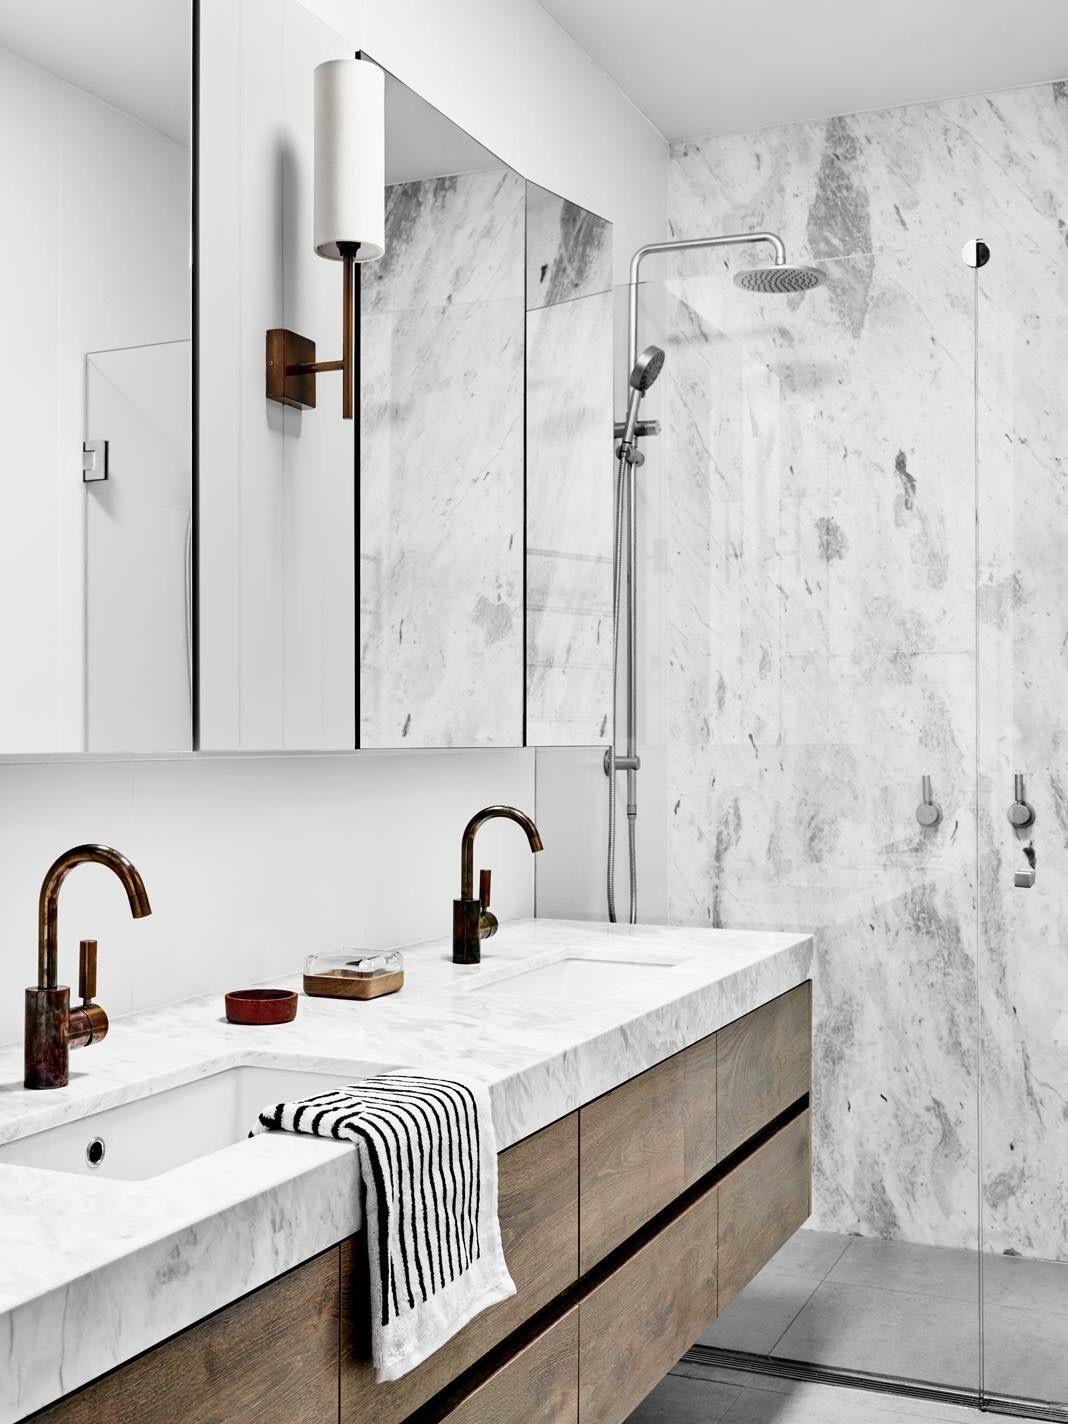 Badideen ohne badewanne pin von jane auf bathroom  pinterest  badezimmer baden und bad